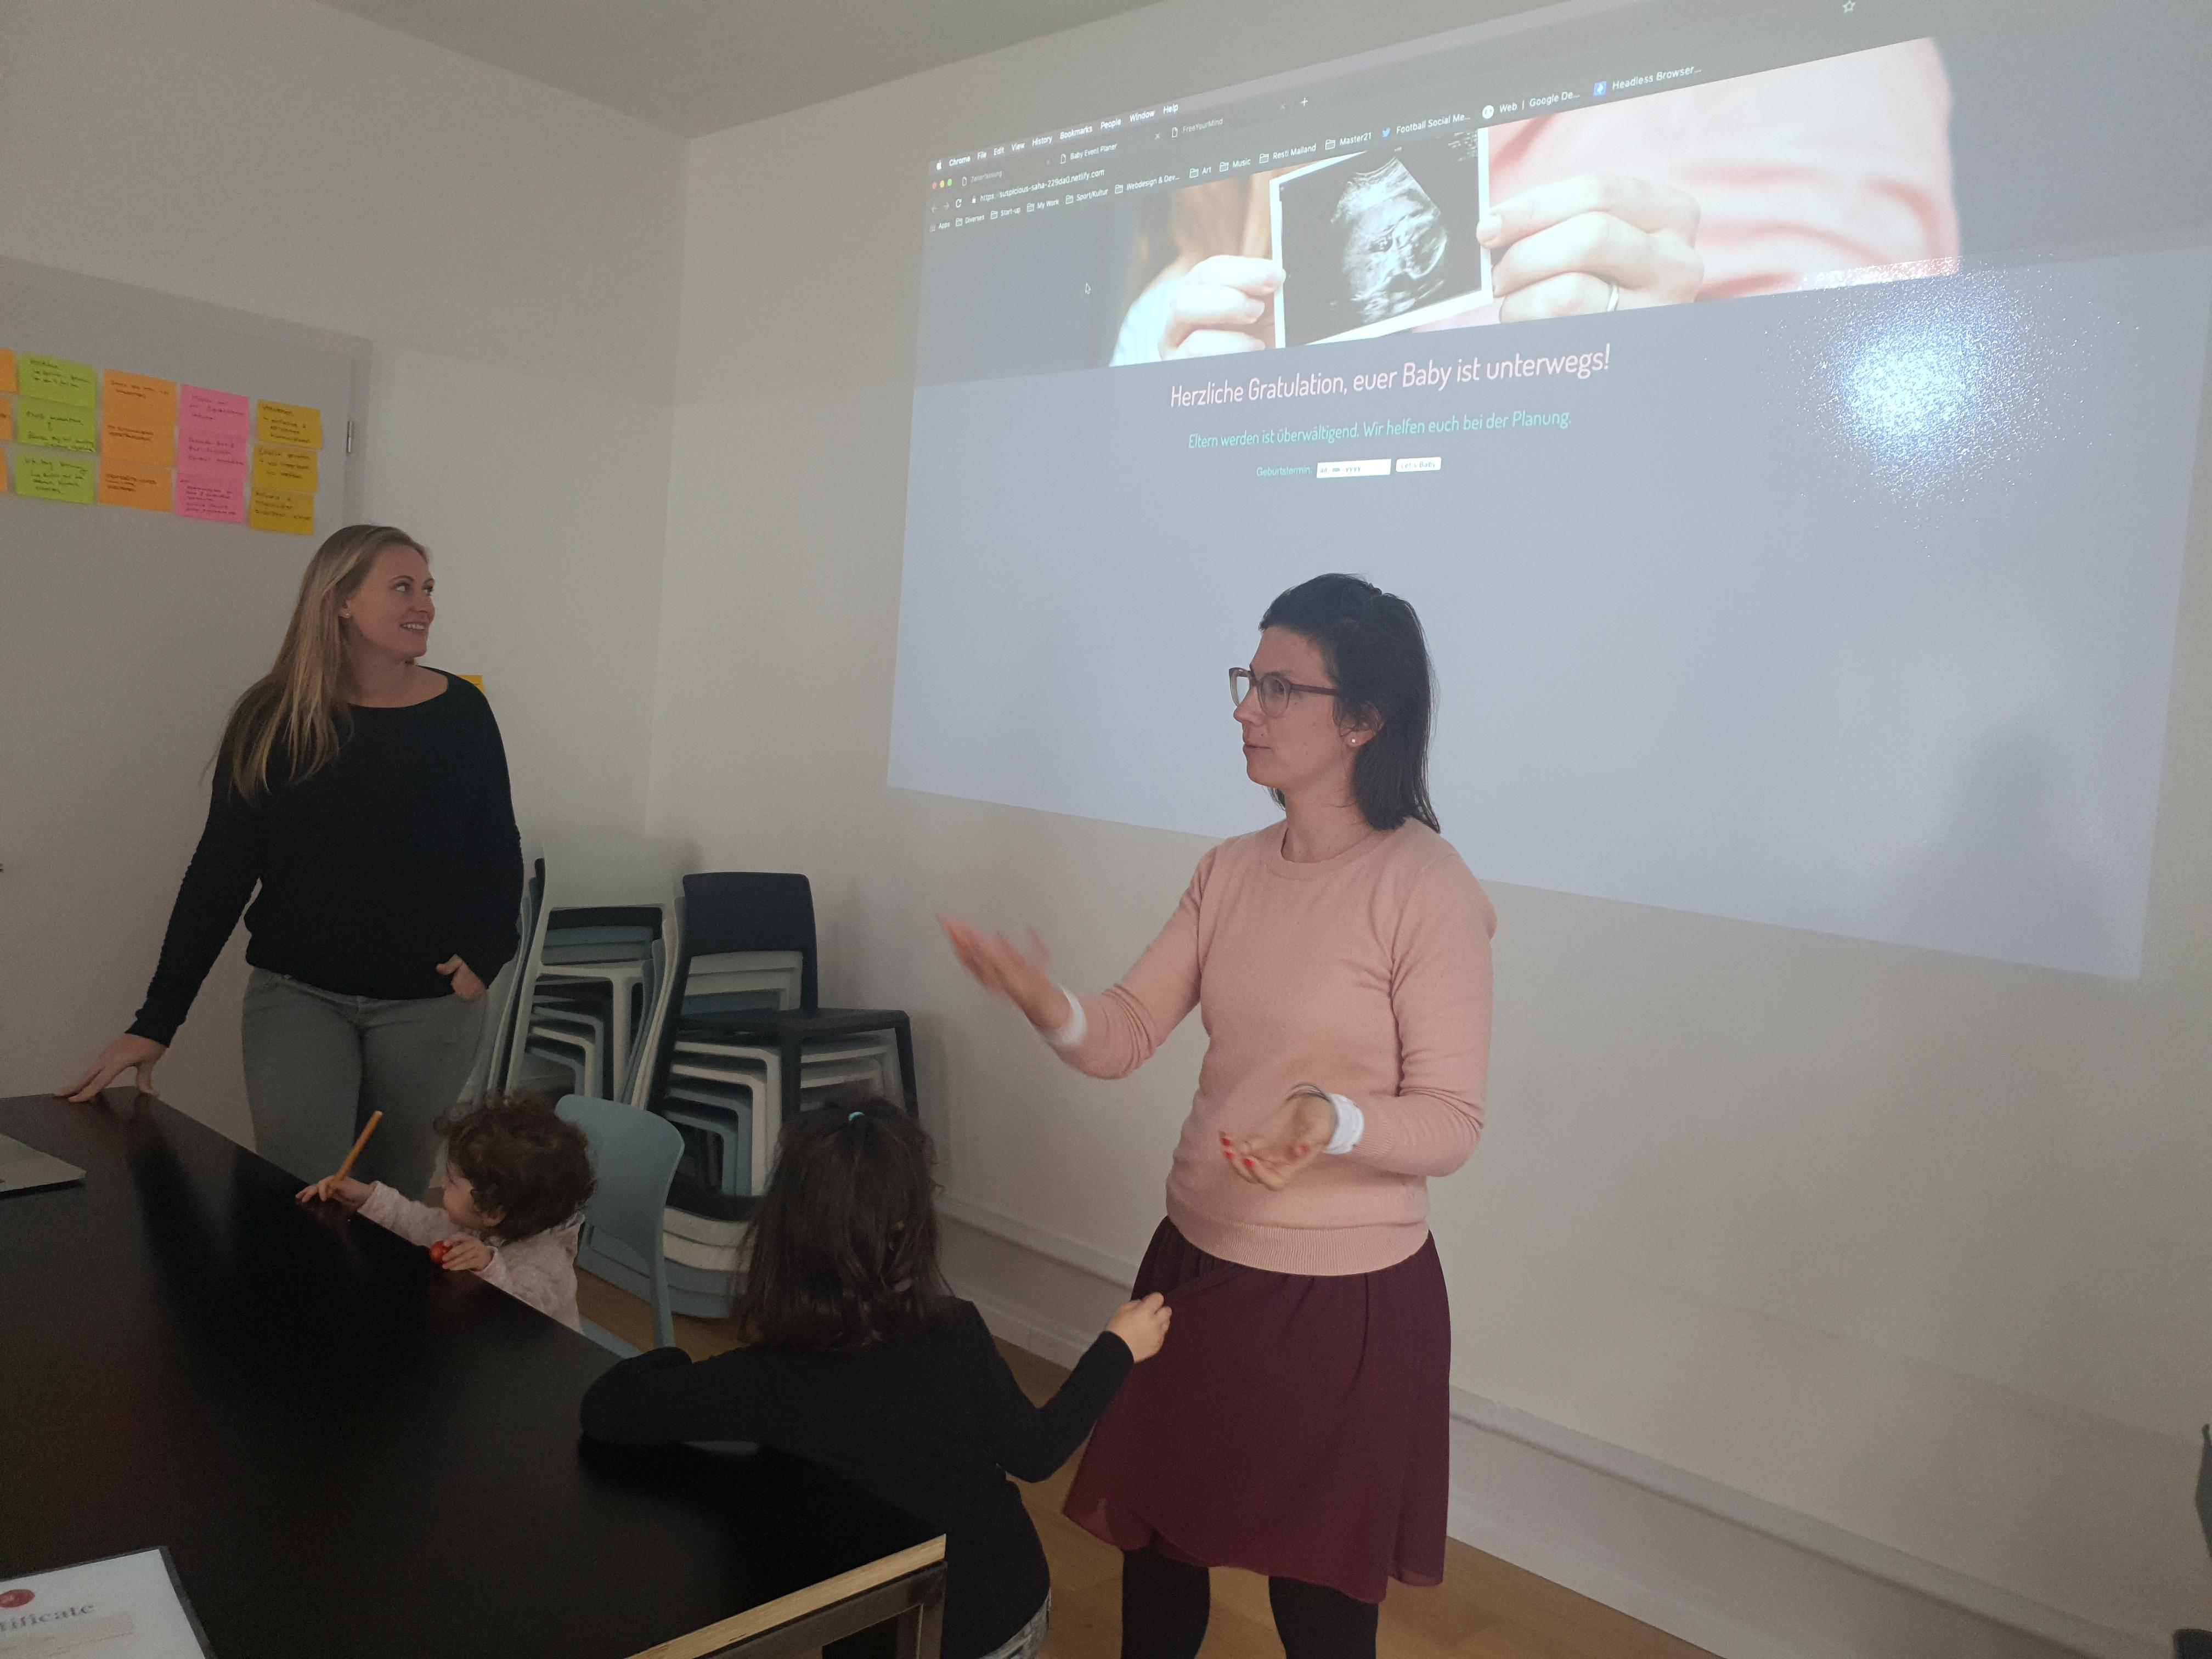 Naomi und Julia präsentieren ihre Web App